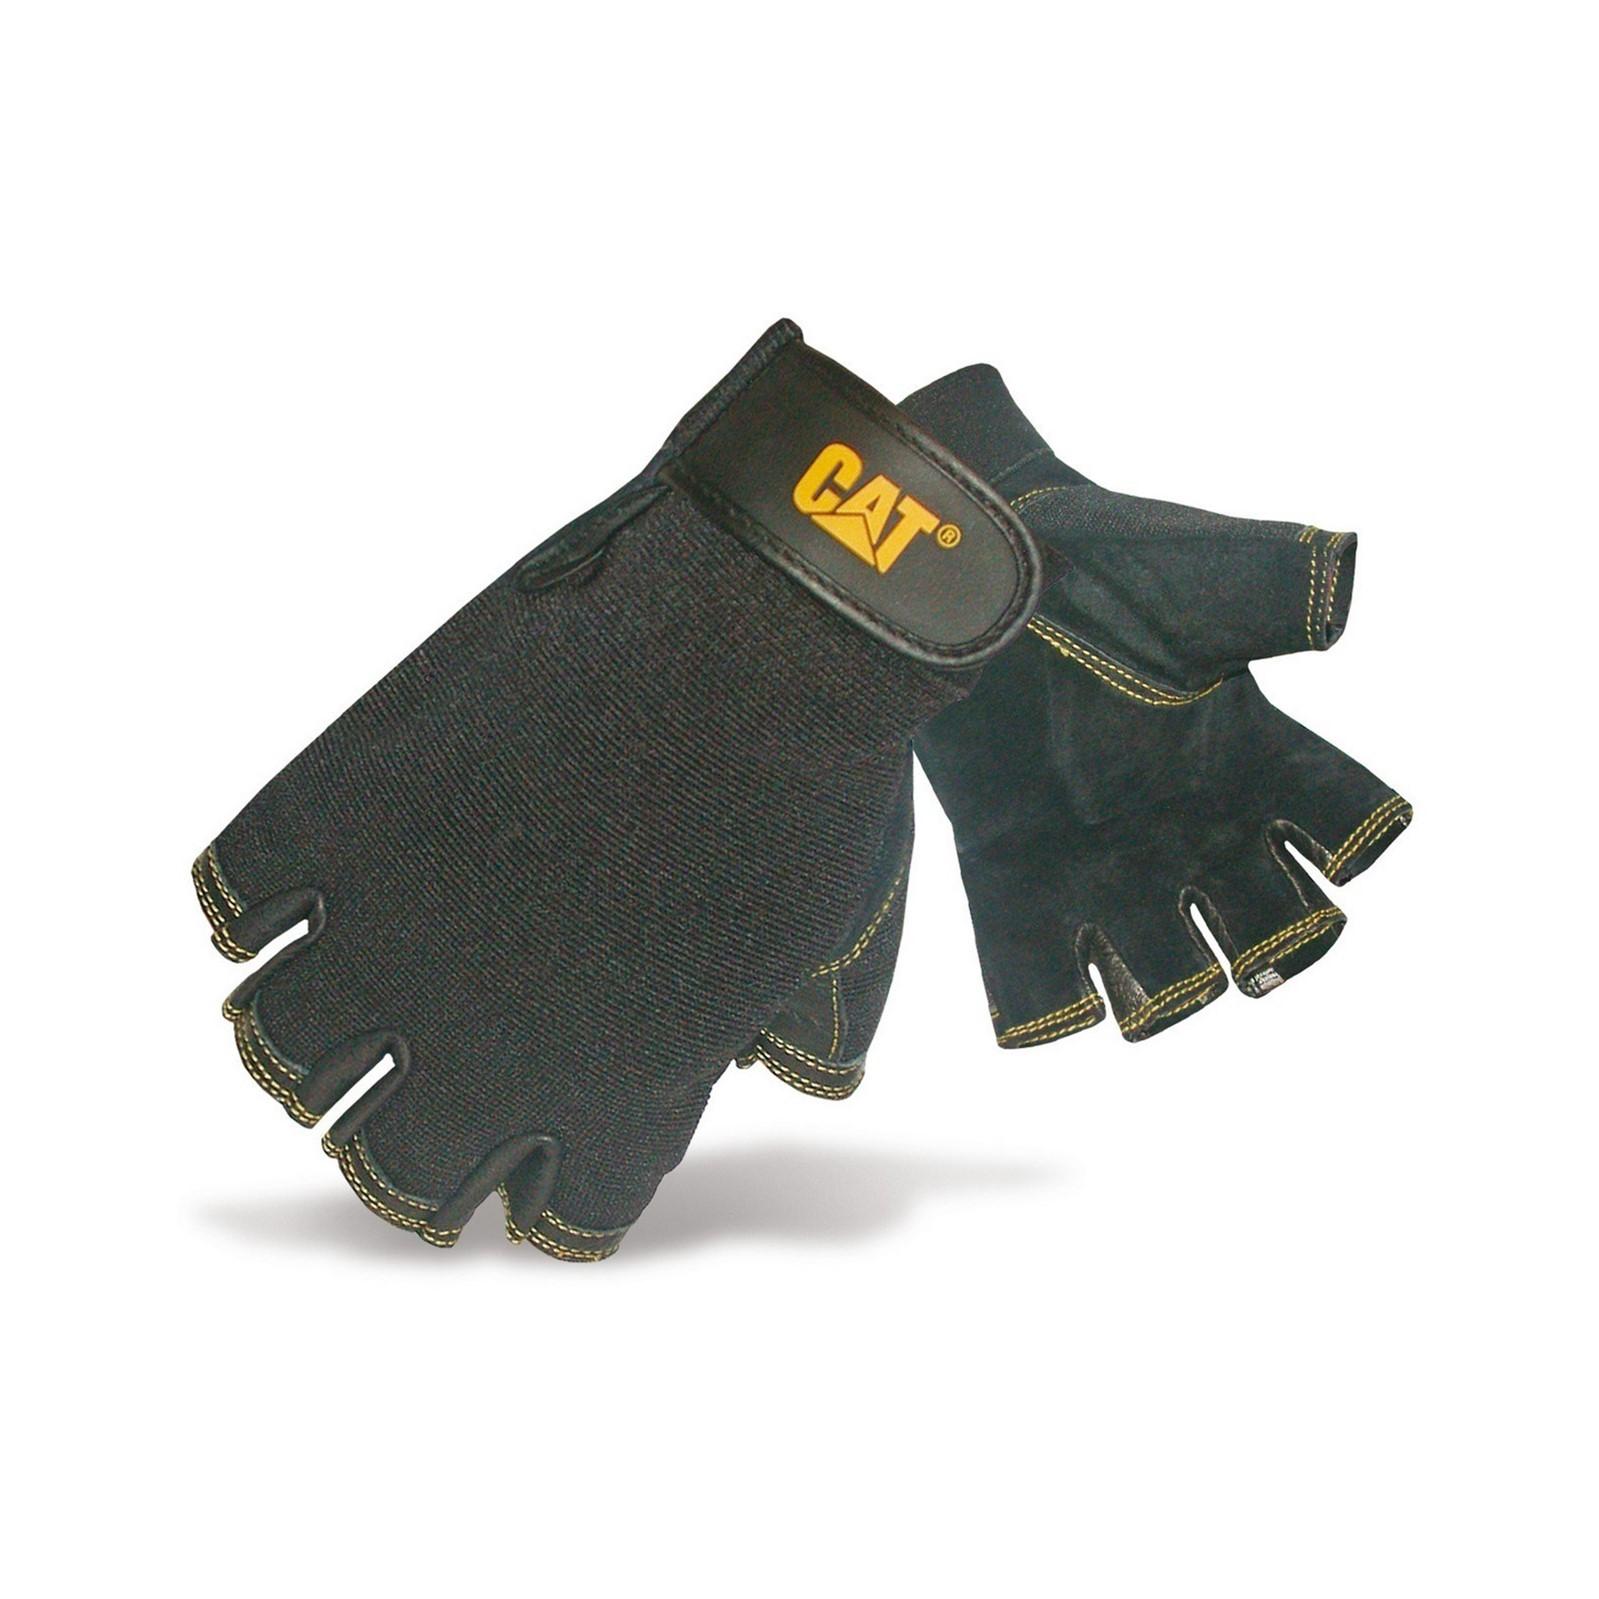 Guantes de pie de cerdo medios dedos Modelo 12202 Reversed hombre caballero Caterpillar